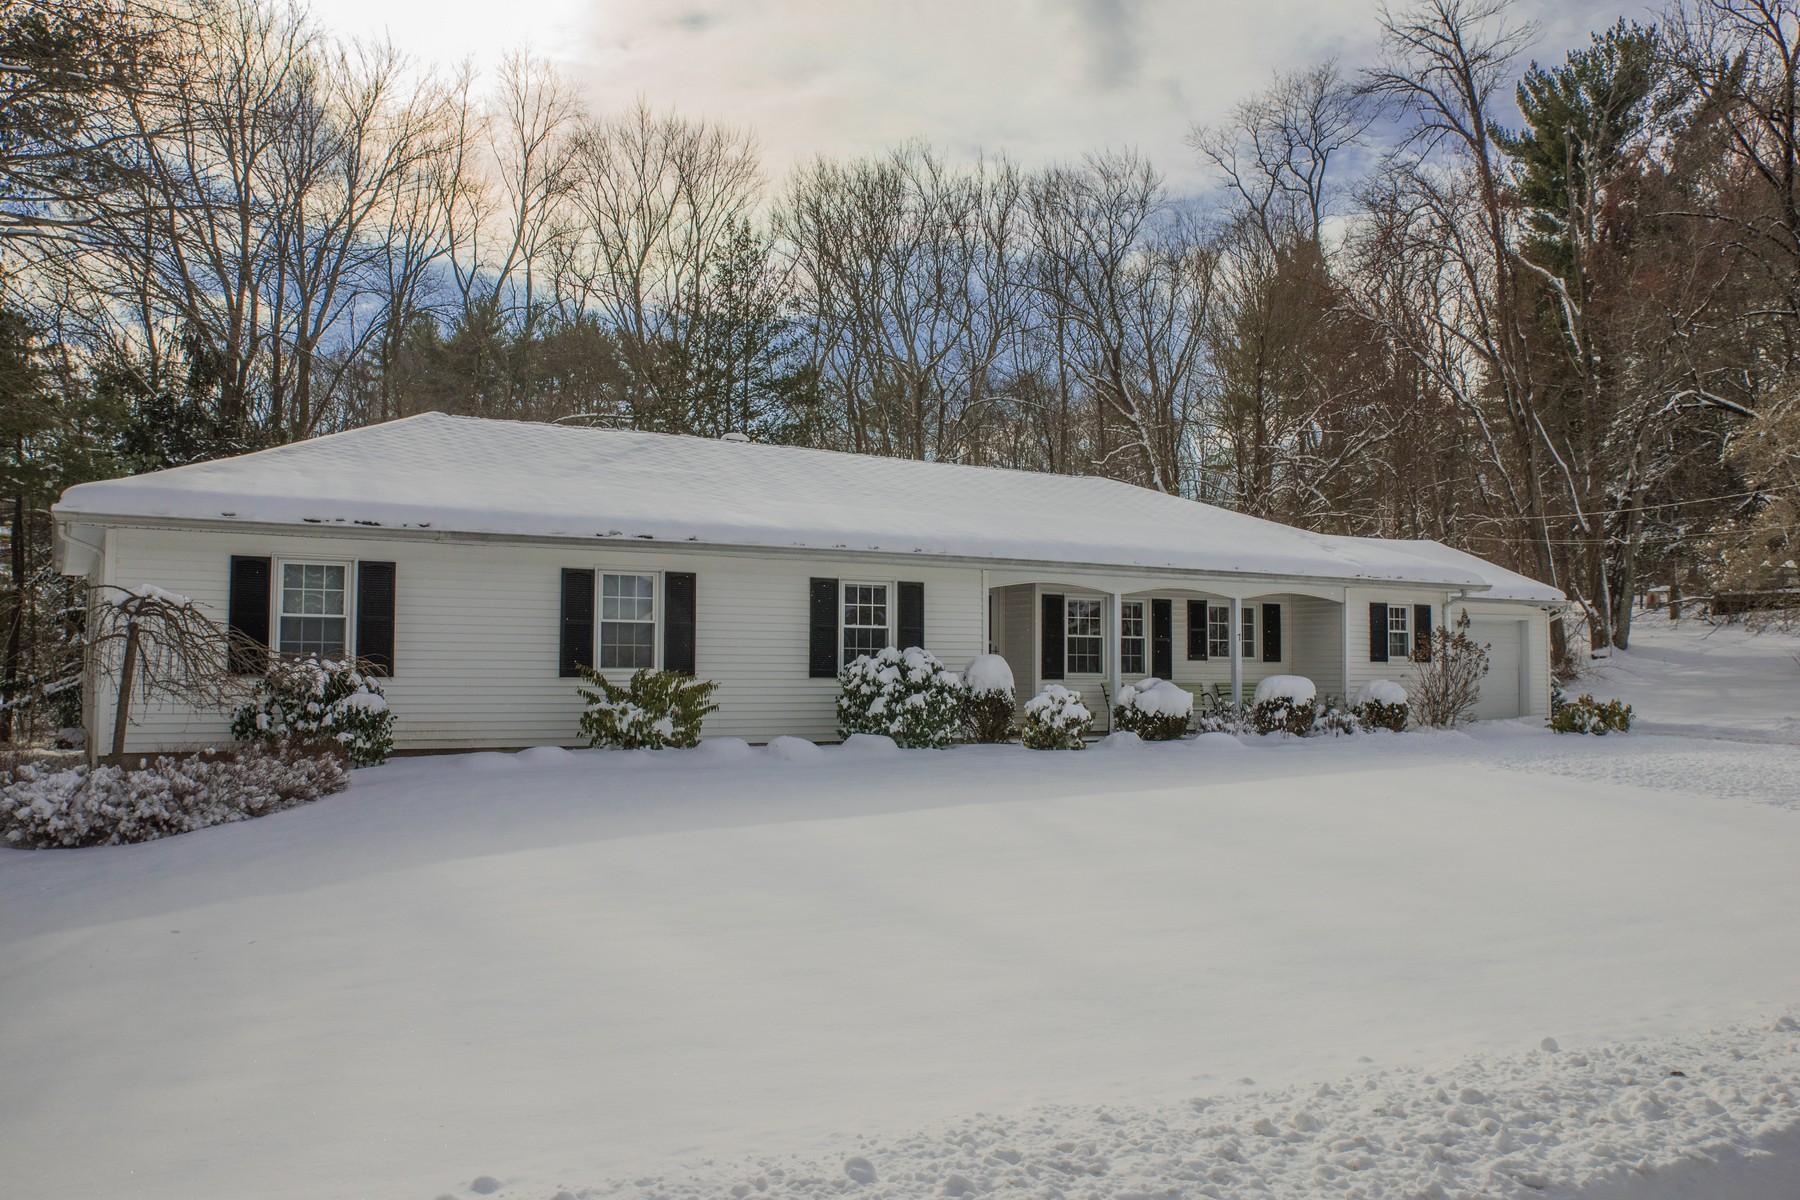 Maison unifamiliale pour l Vente à One Floor Living With All Modern Conveniences 7 Pratt St Chester, Connecticut, 06412 États-Unis